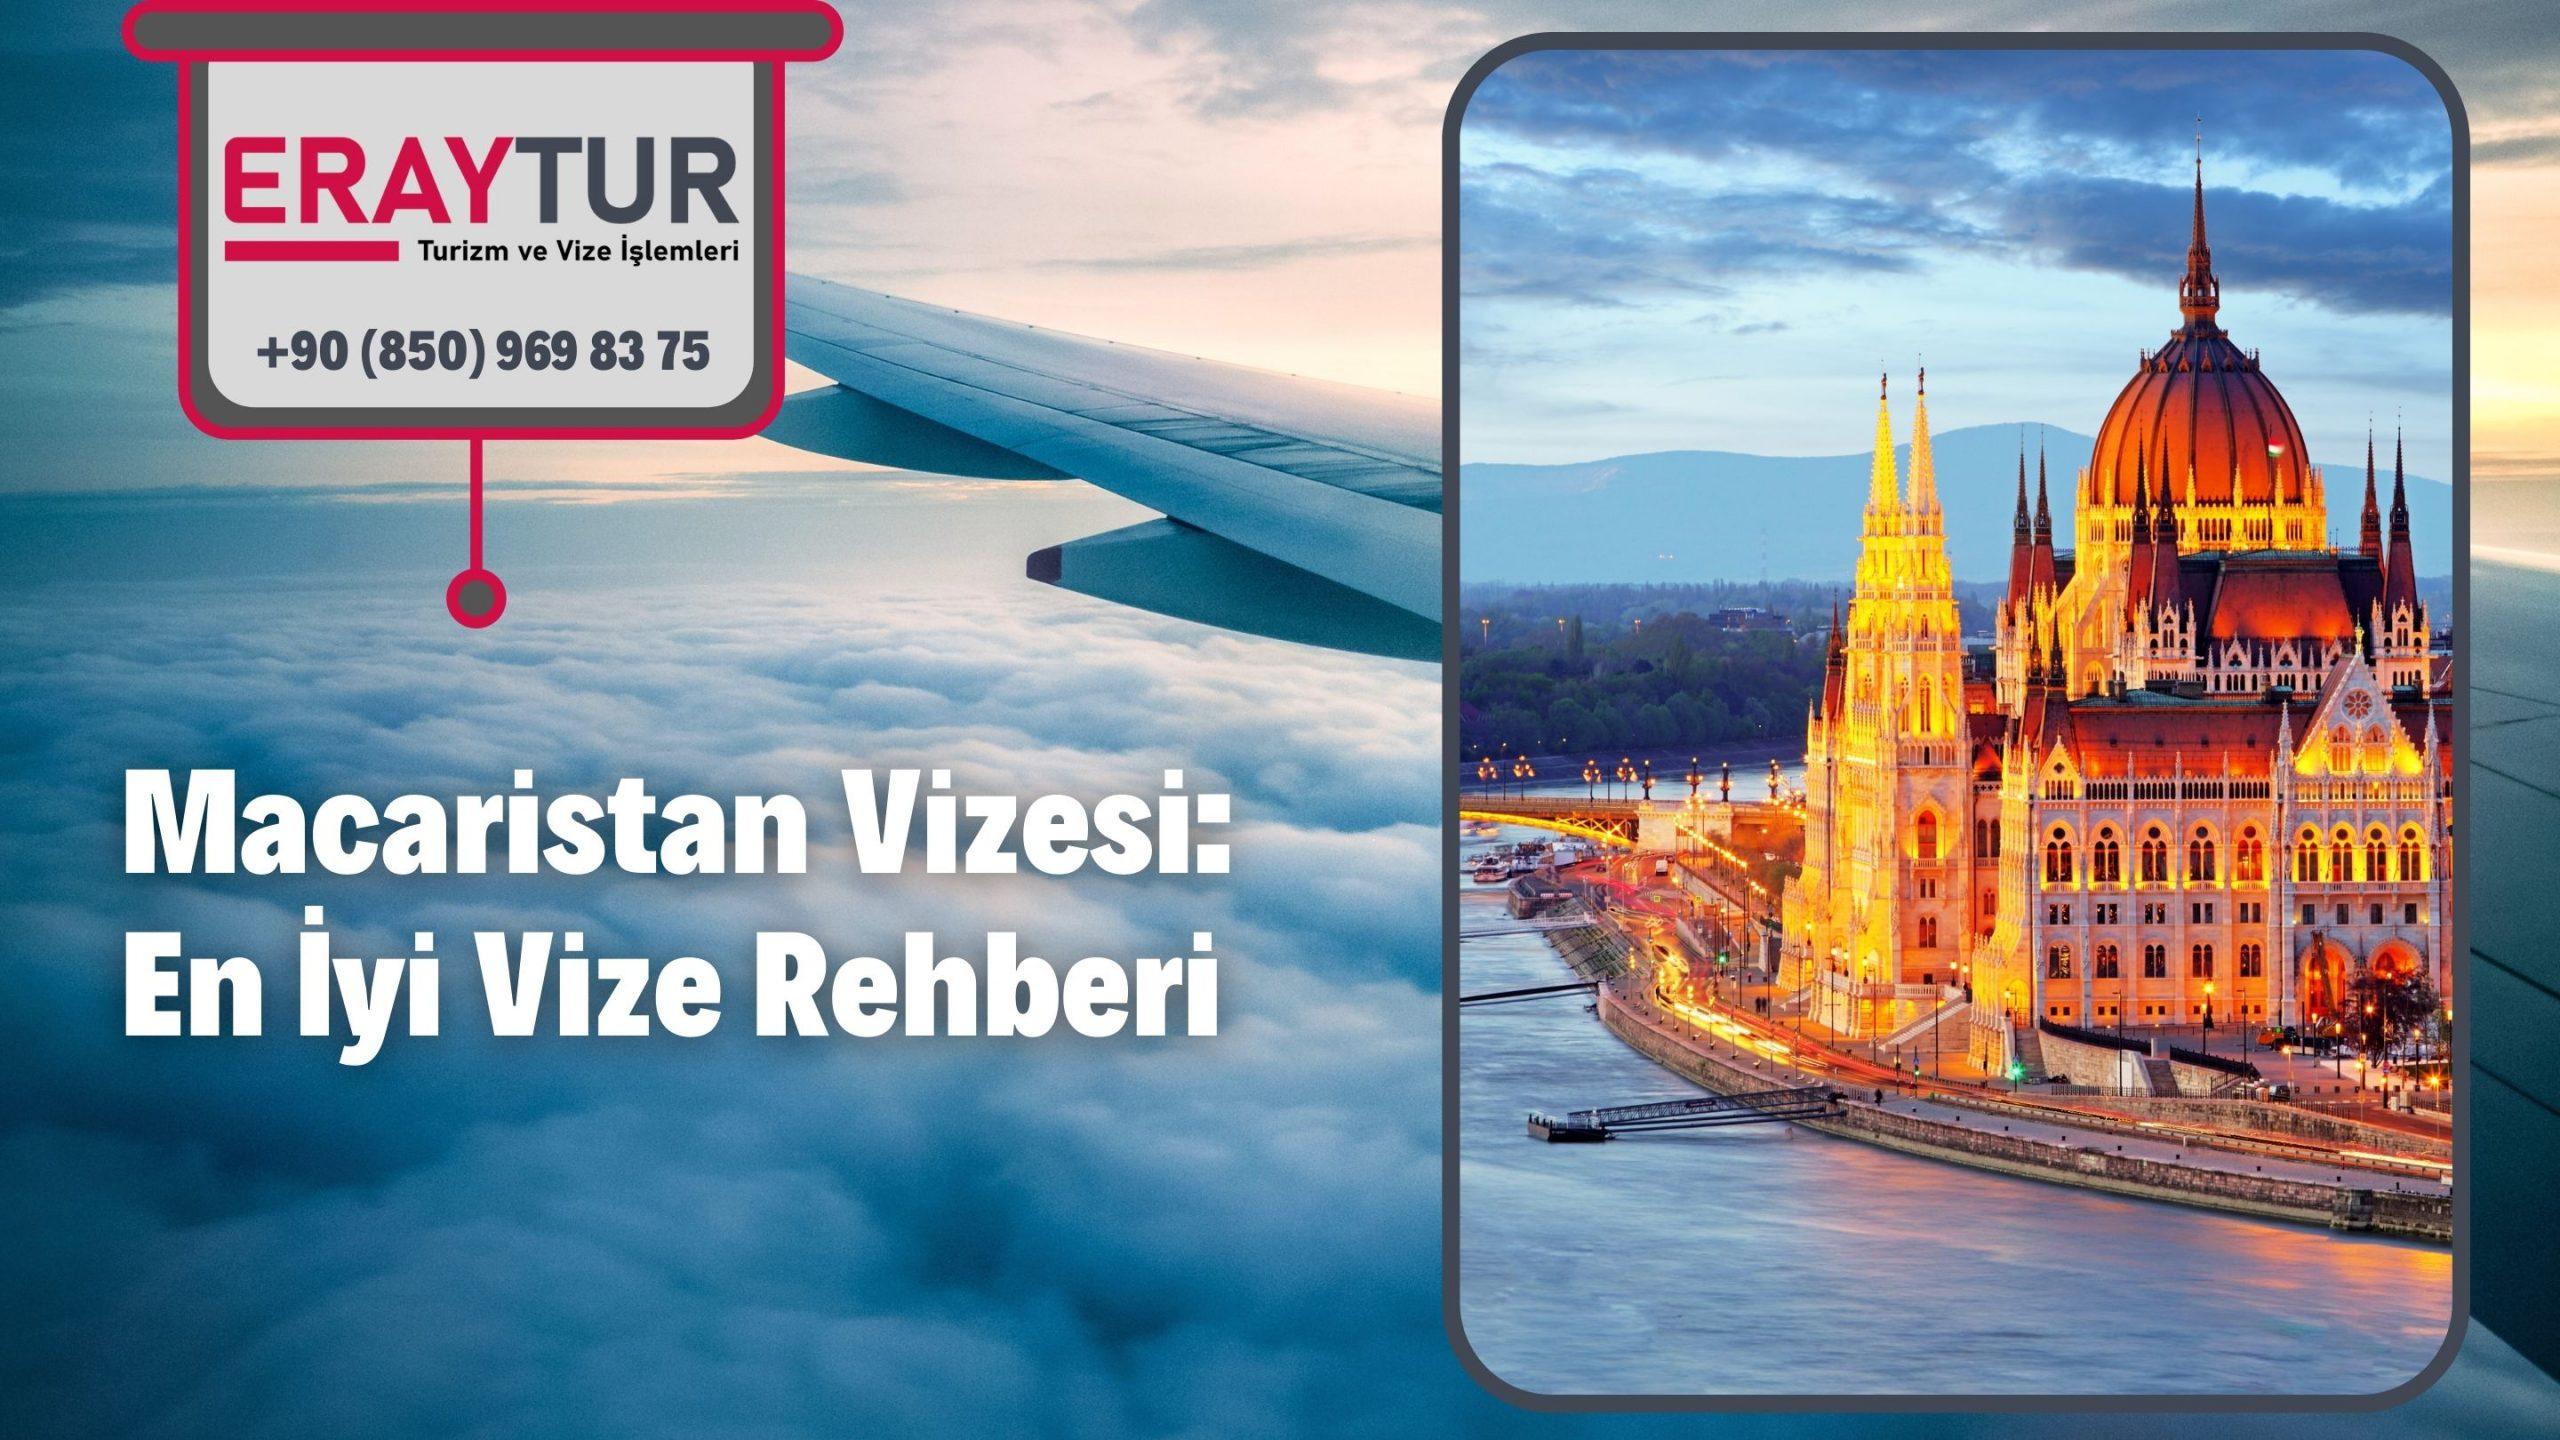 Macaristan Vizesi: En İyi Vize Rehberi 2021